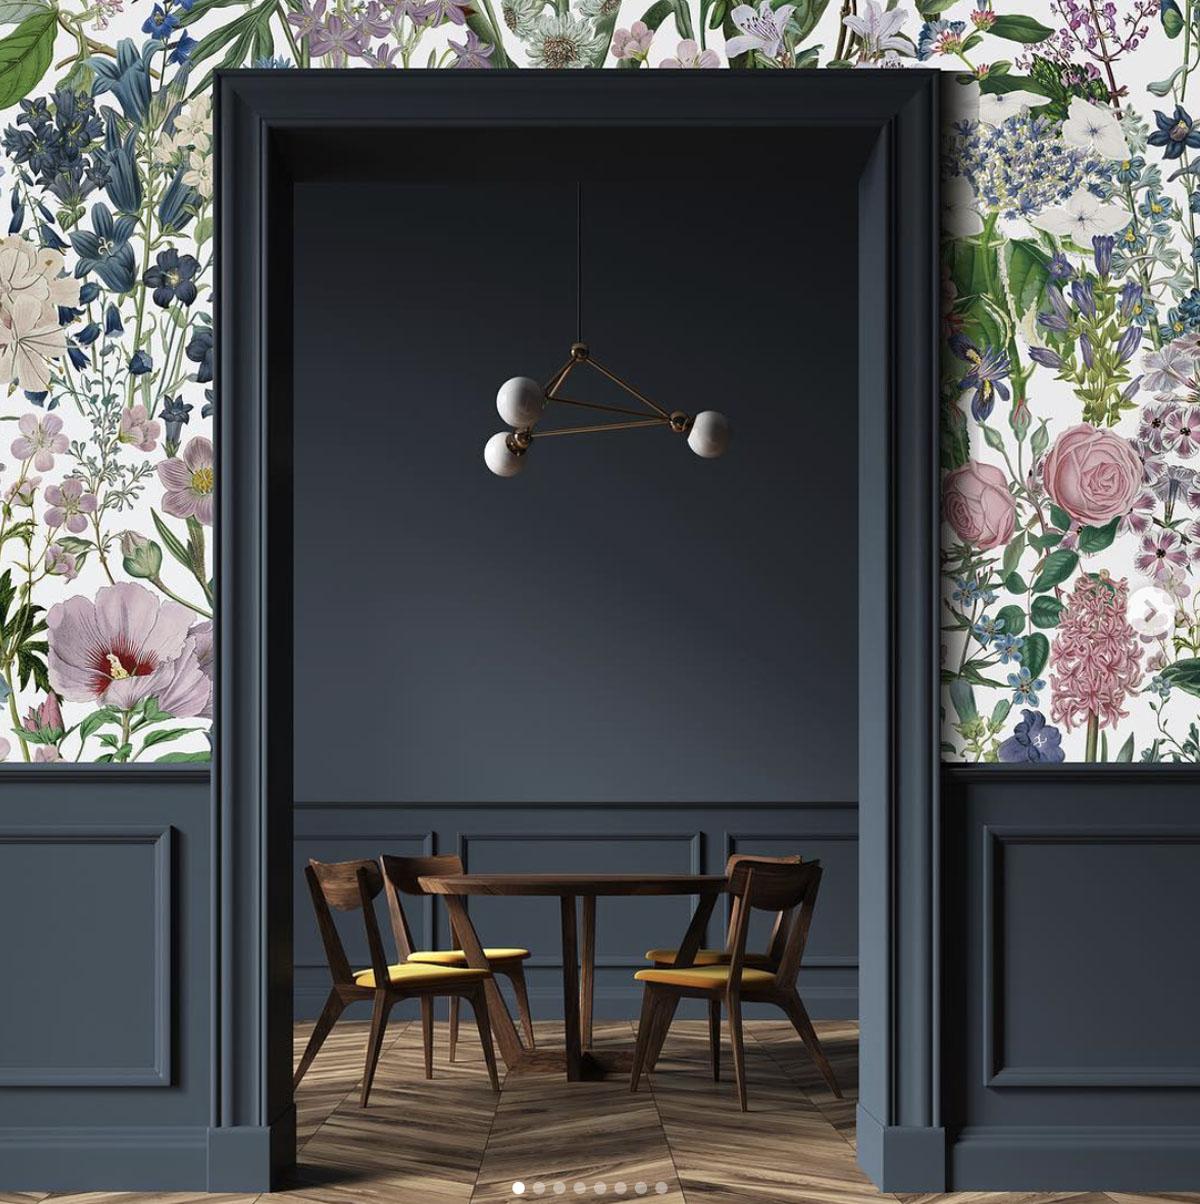 Wallpaper pansies